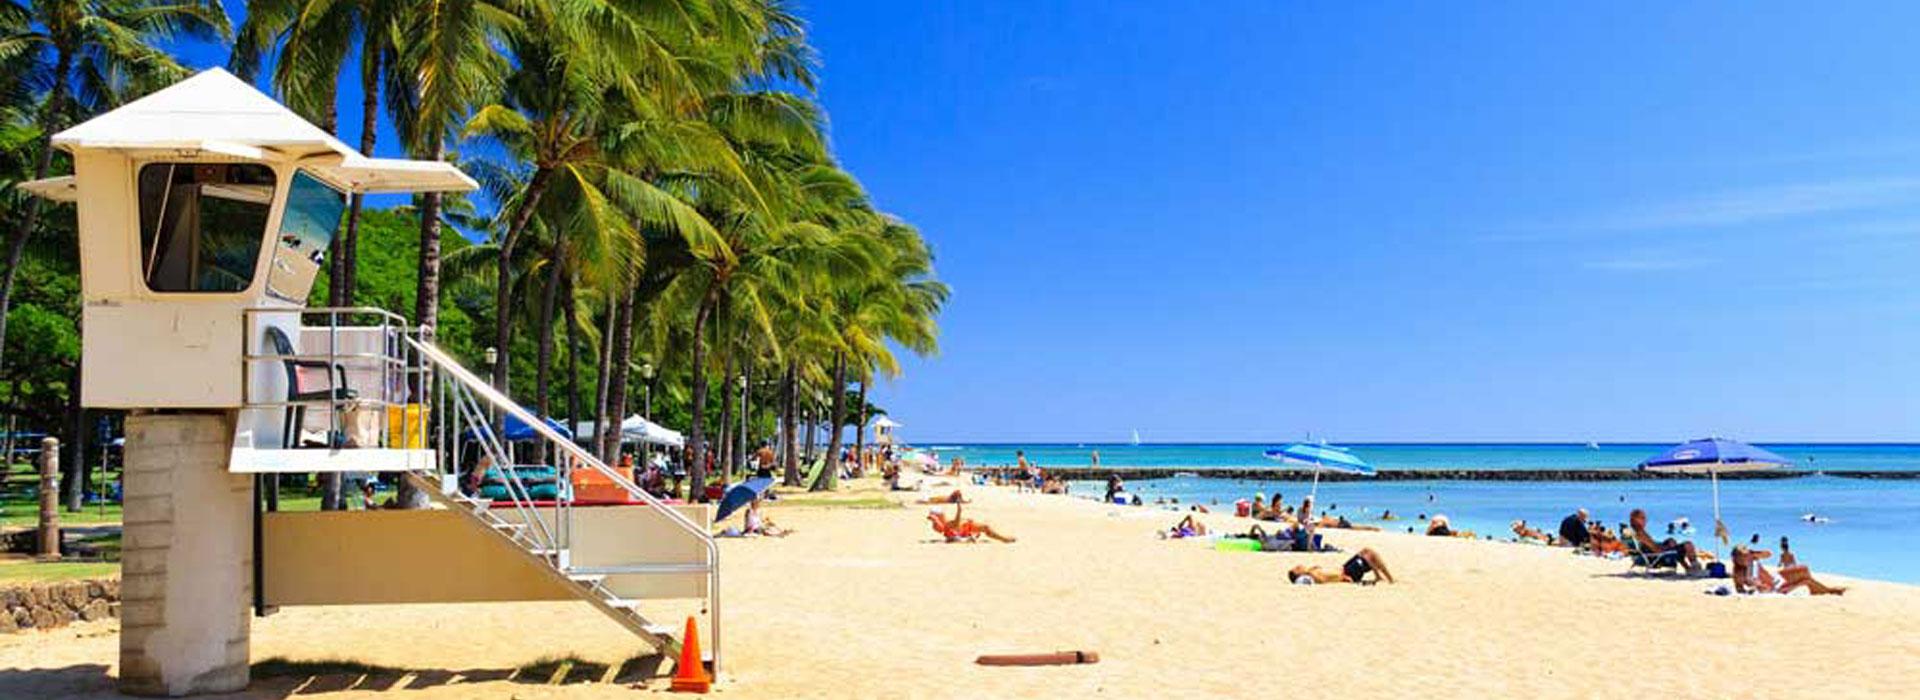 Hawaii Optional Tours